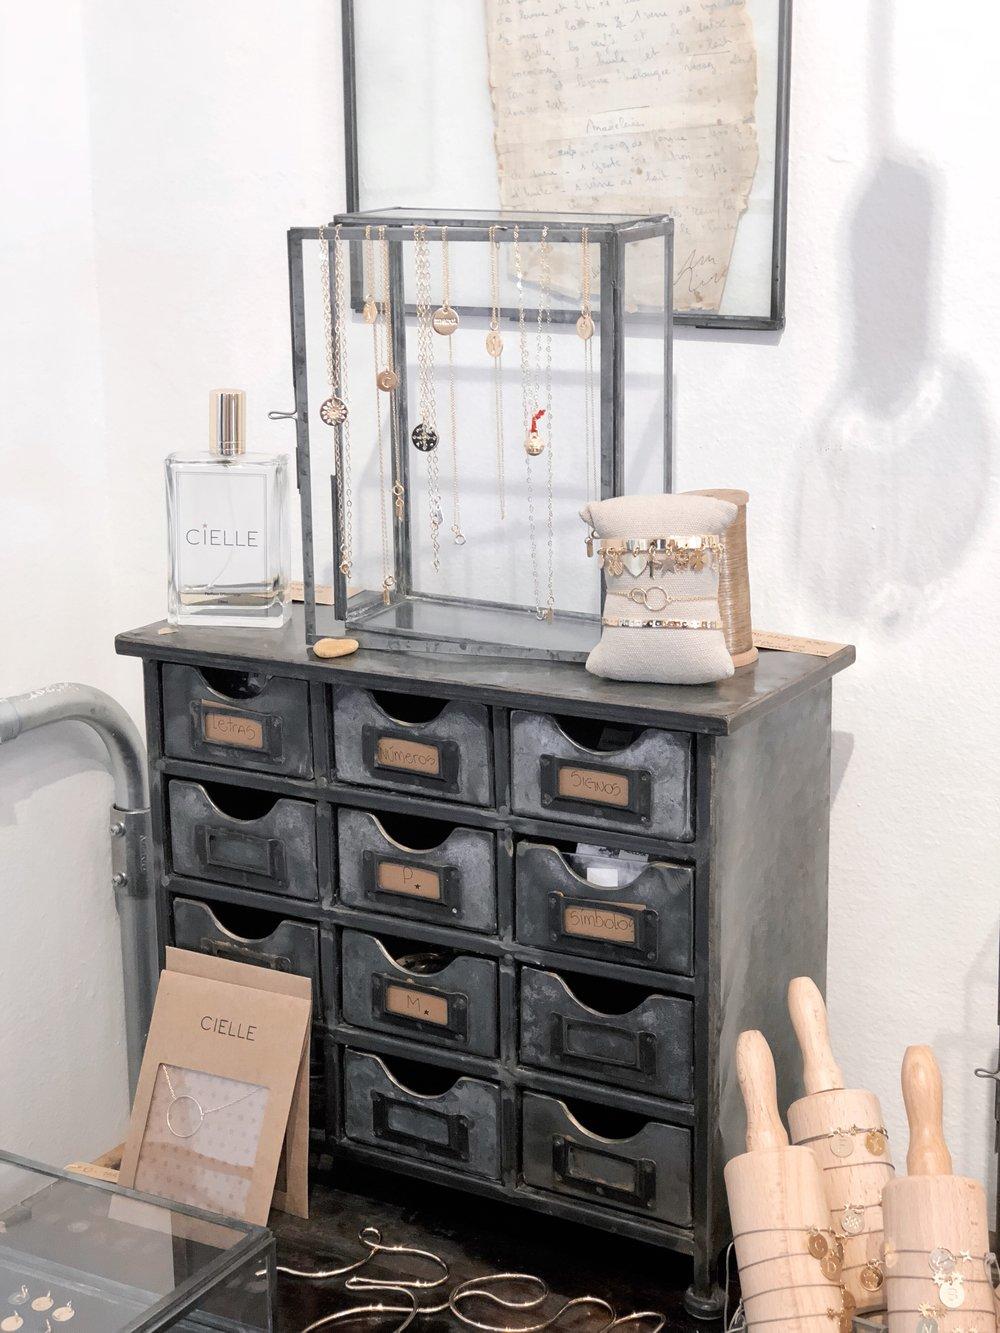 maison-cielle-design-bijoux-lolla10.JPG